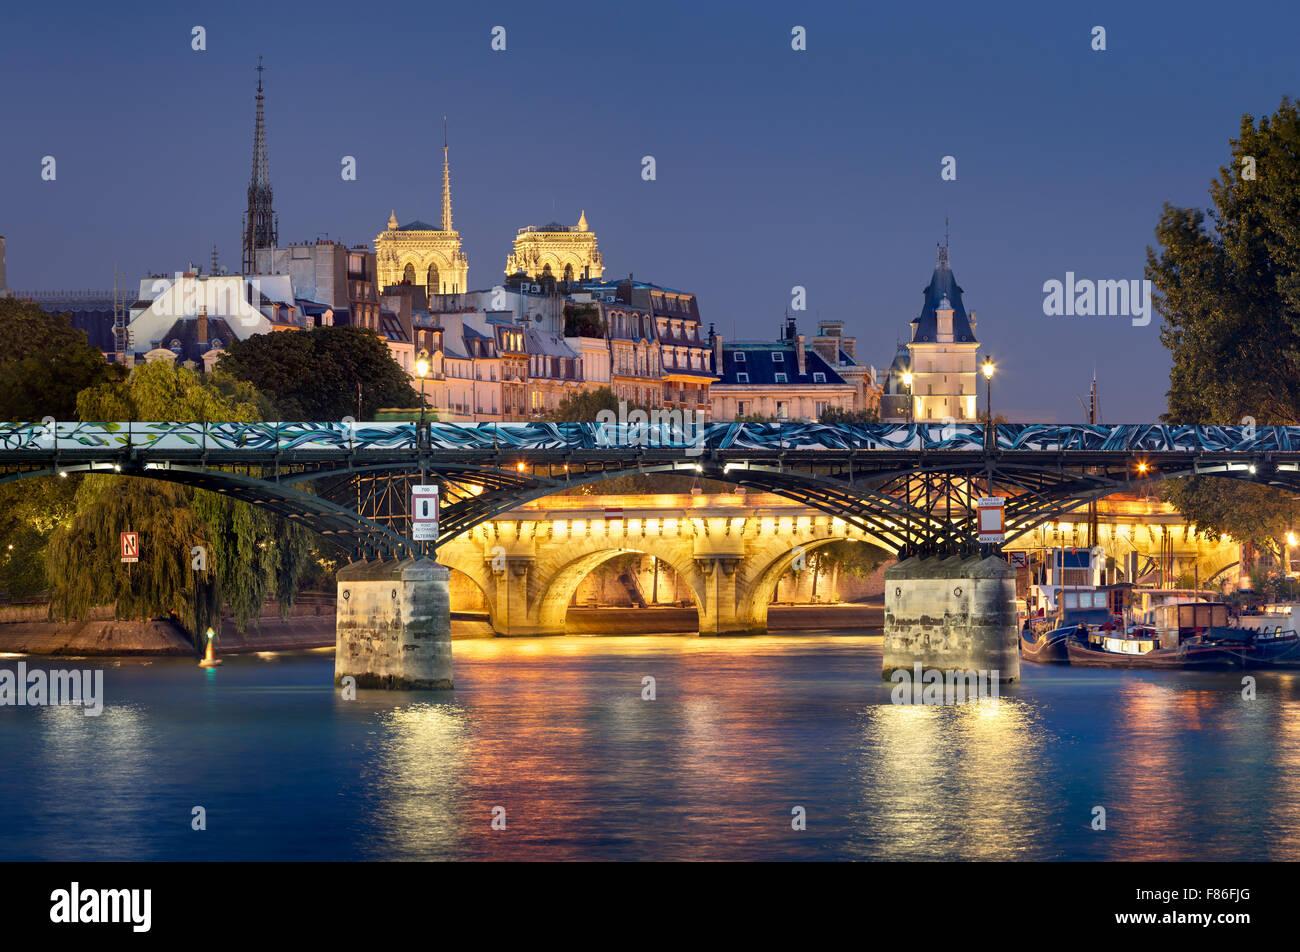 Pont des Arts, Pont Neuf, Notre Dame de Paris y Torres del Río Sena. Iluminado por la noche. Ile de la Cité, París Foto de stock